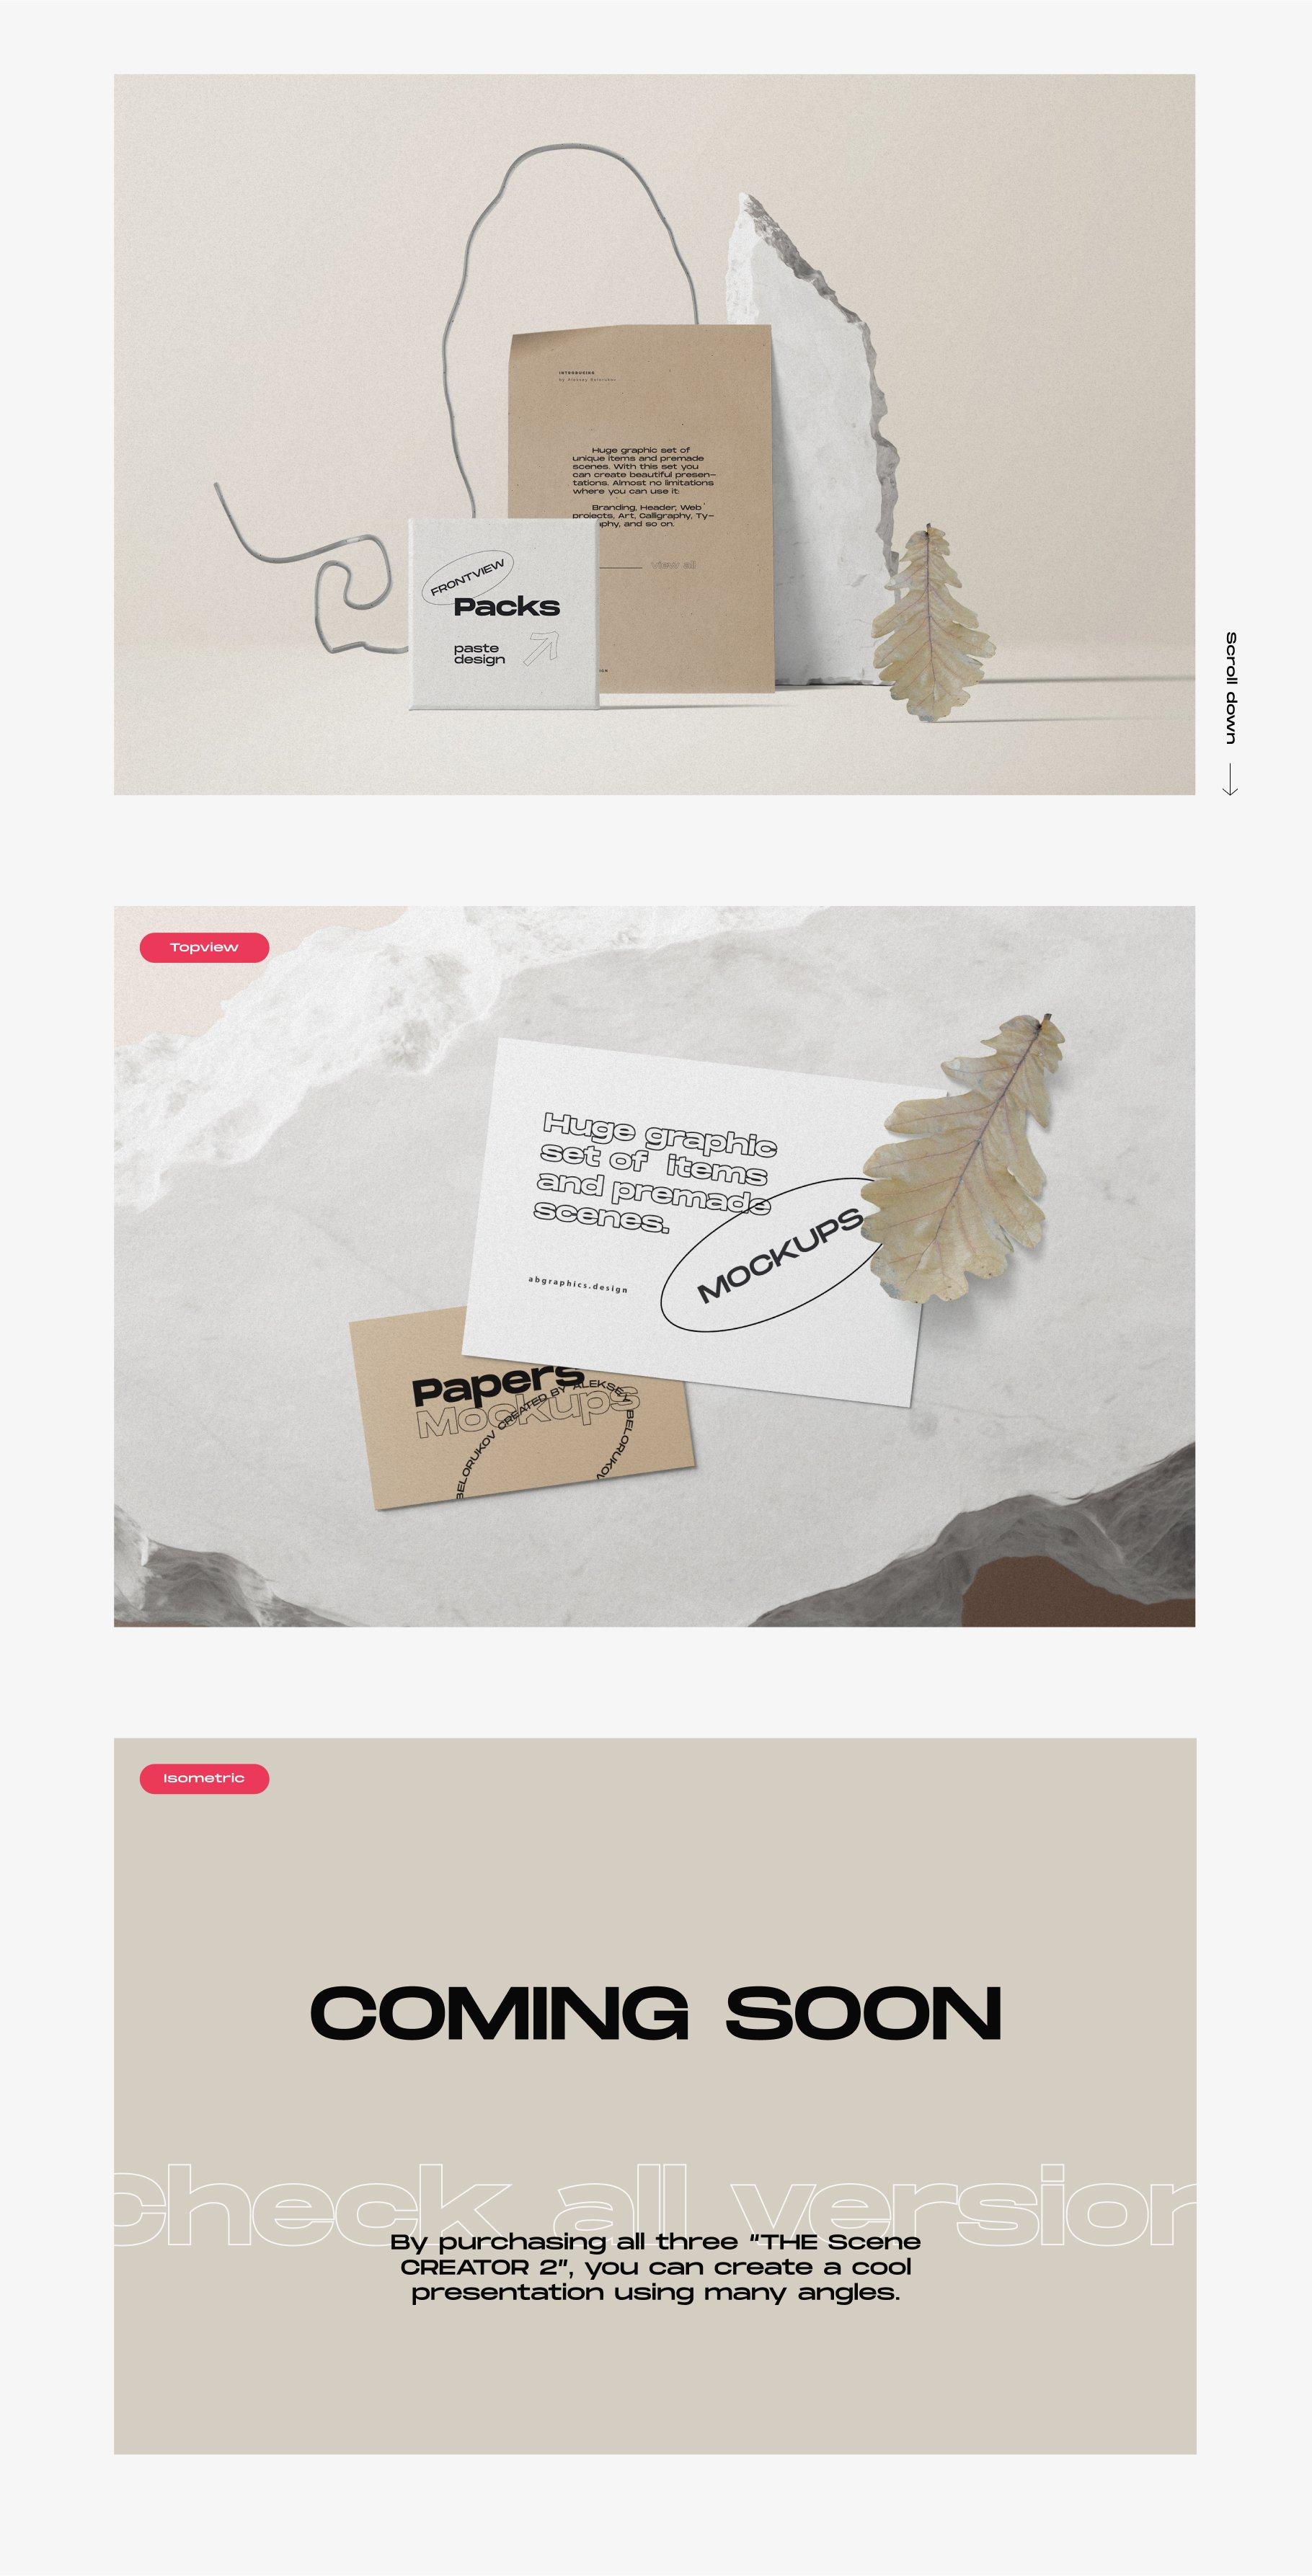 [淘宝购买] 超大品牌VI包装设计PS智能贴图样机模板素材 The Scene Creator 2 / Frontview插图(10)